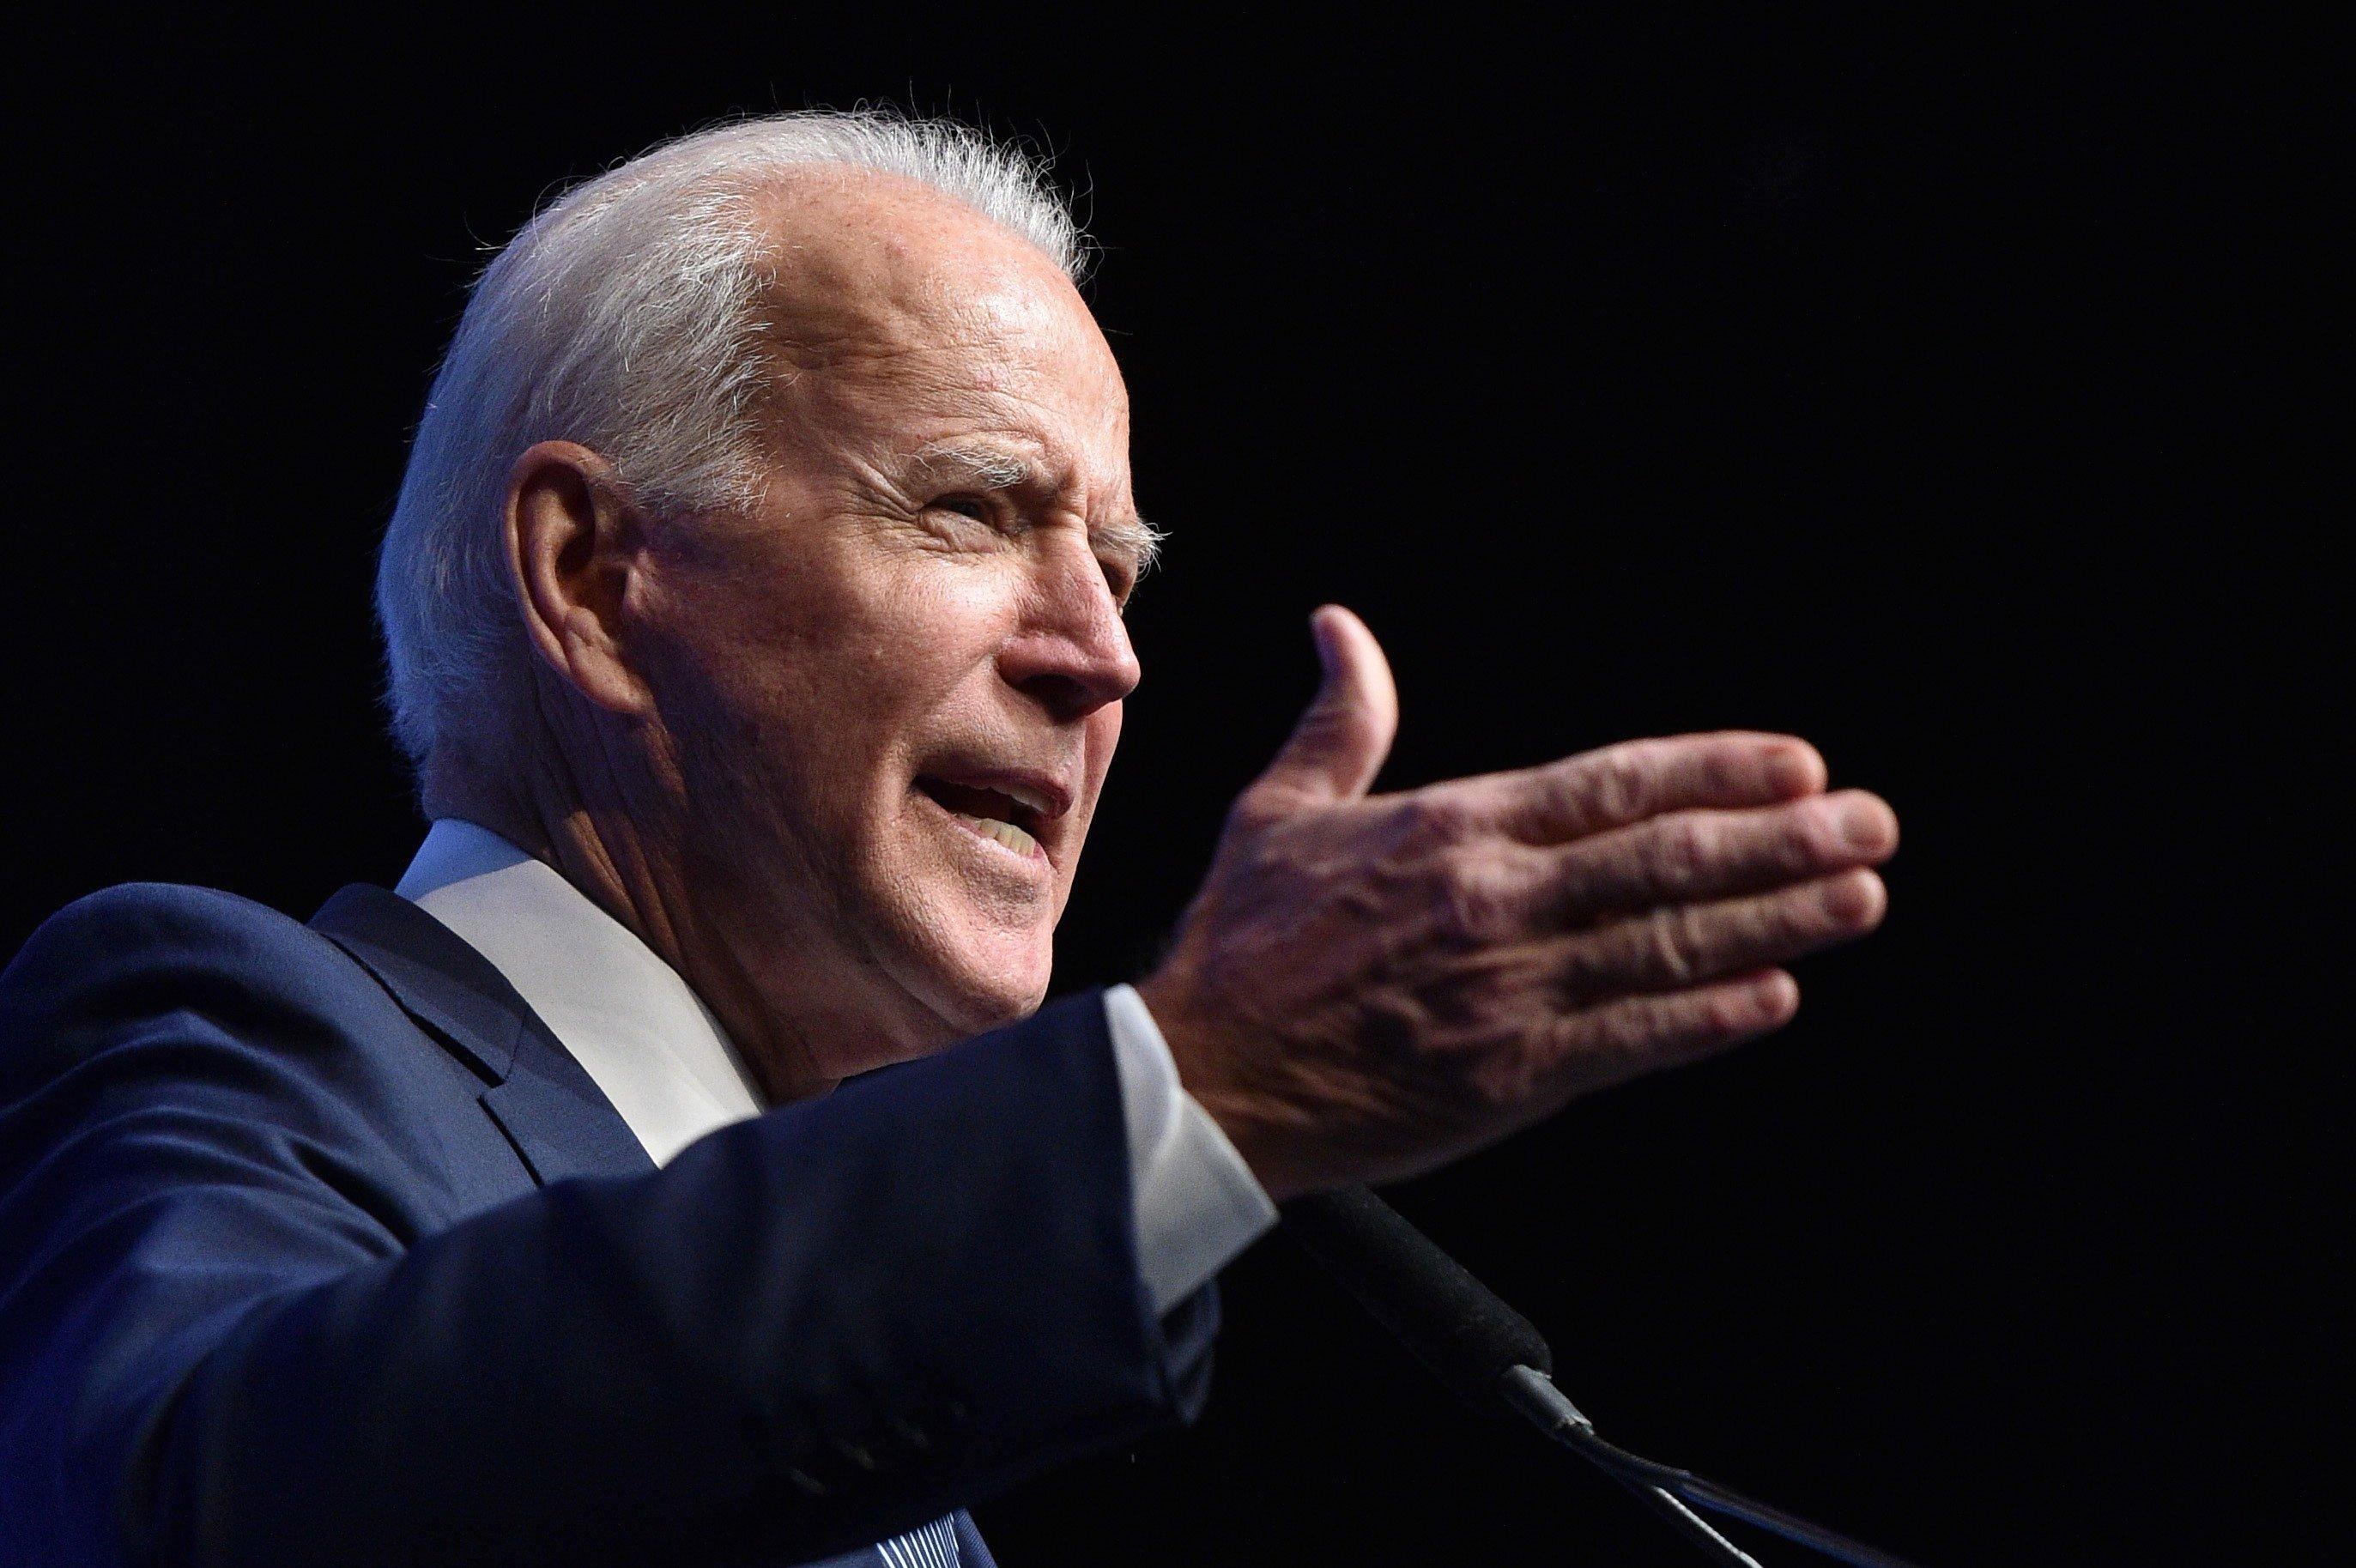 Black South Bend official endorses Biden while criticizing Buttigieg